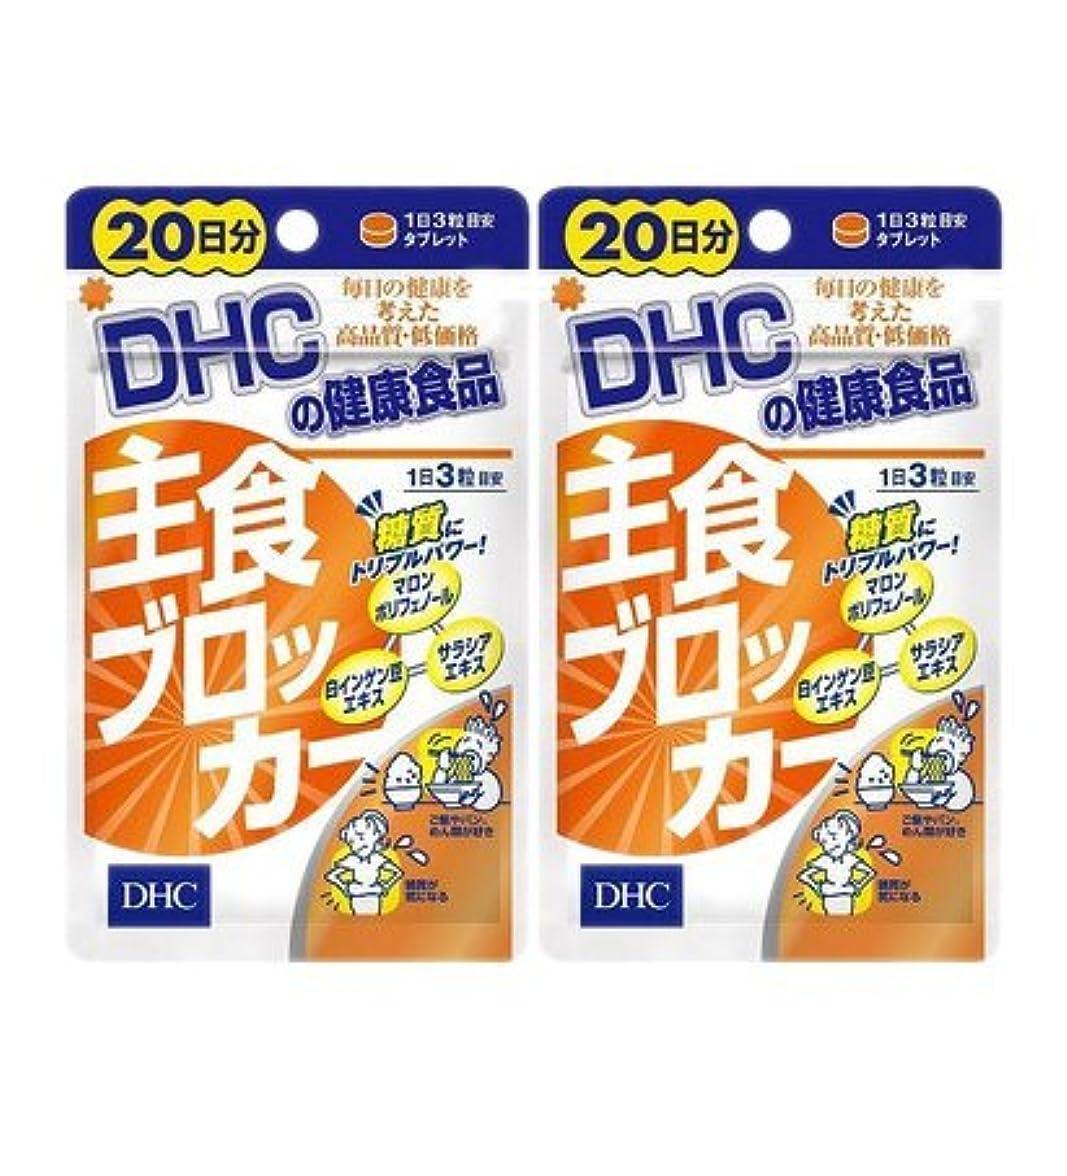 フリンジ忙しいフルーツ野菜【2個セット】DHC 主食ブロッカー 20日分 60粒入